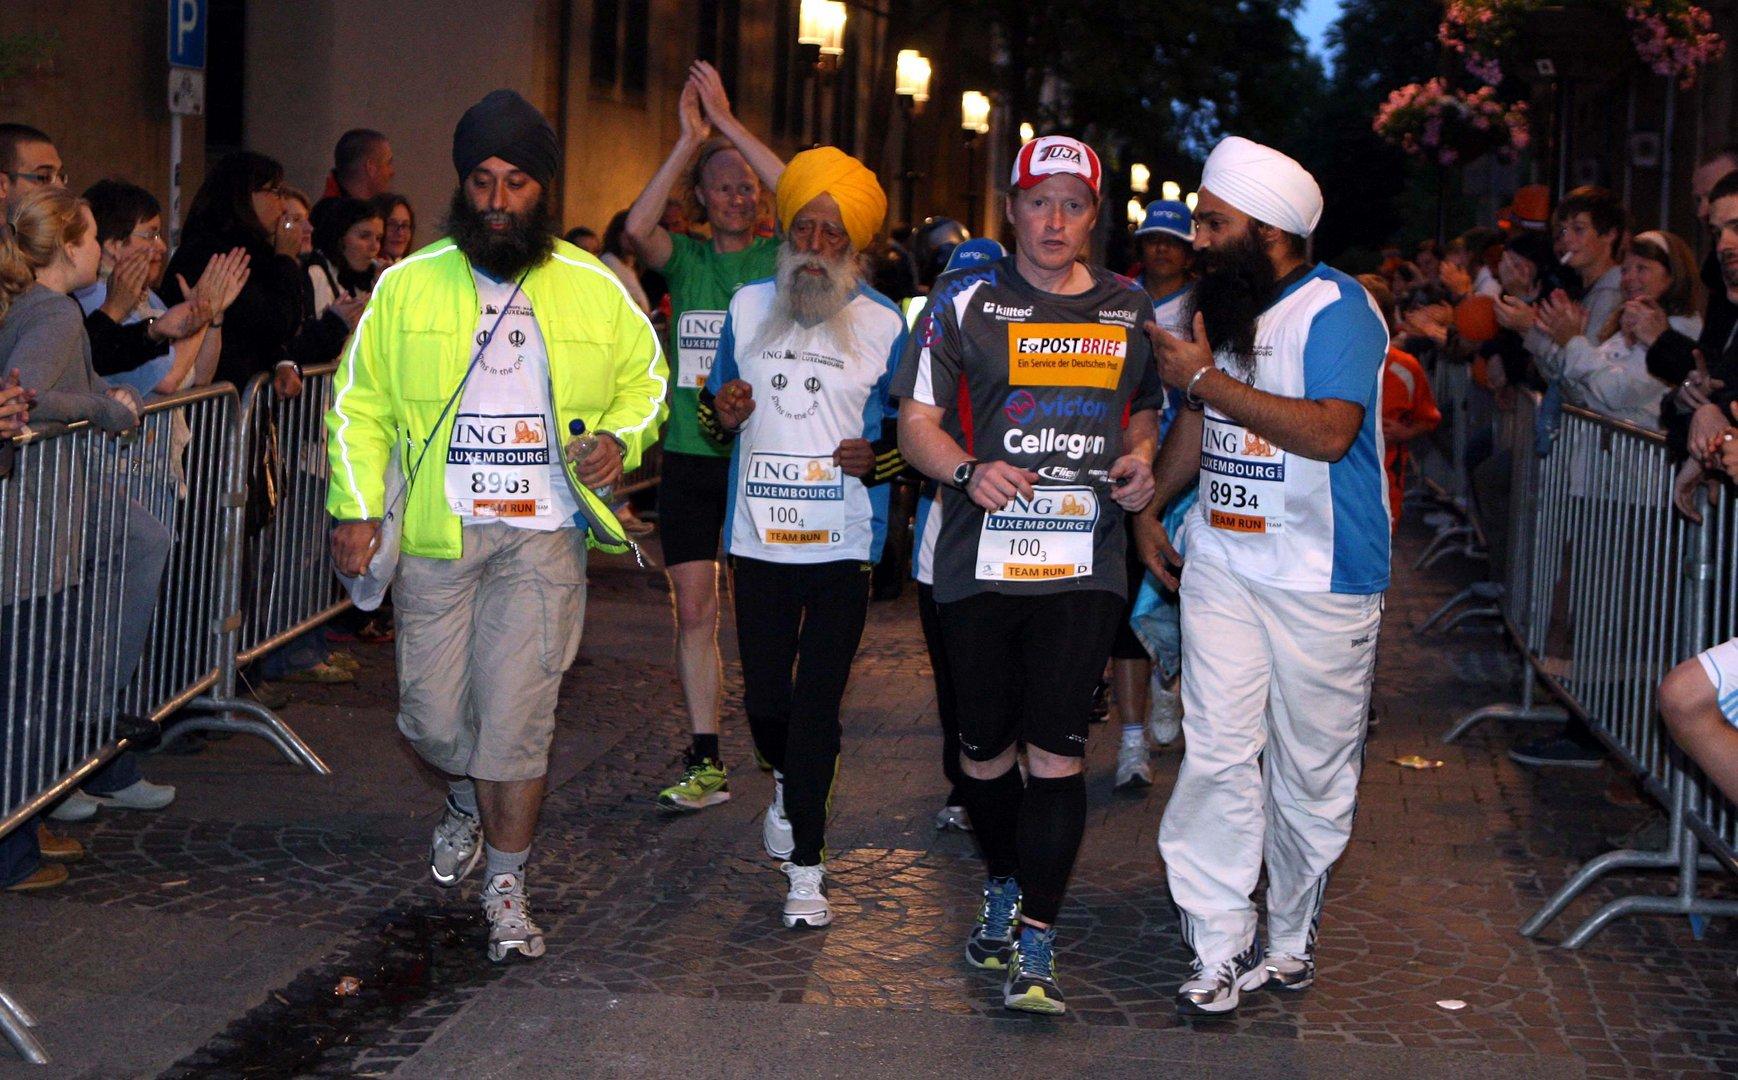 Sartnummer 100 und 100 Jahre jung beim Night Run in Luxembourg